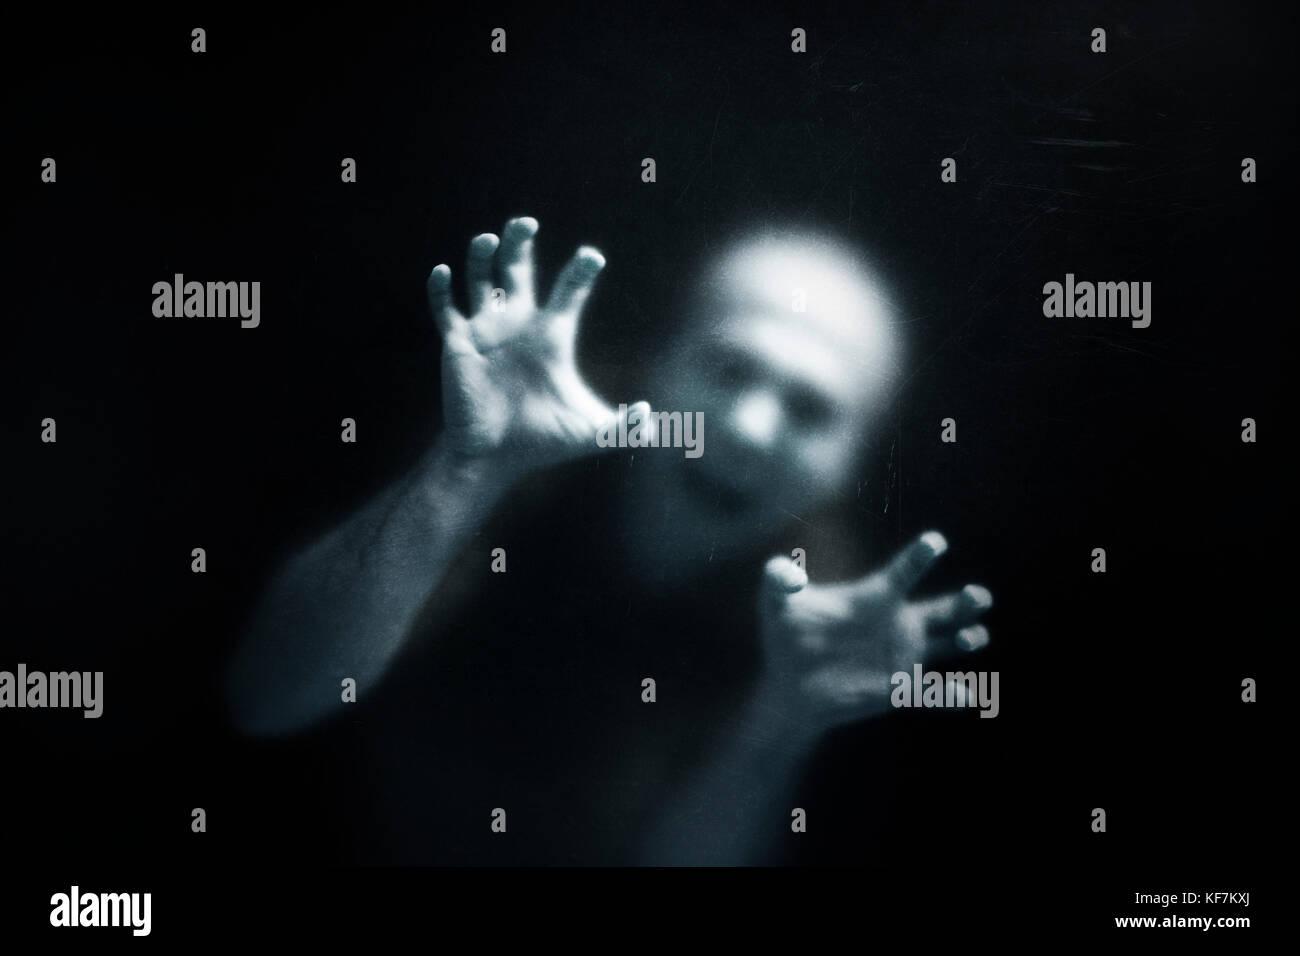 Homme qui crie derrière un verre rayé poussiéreux Photo Stock